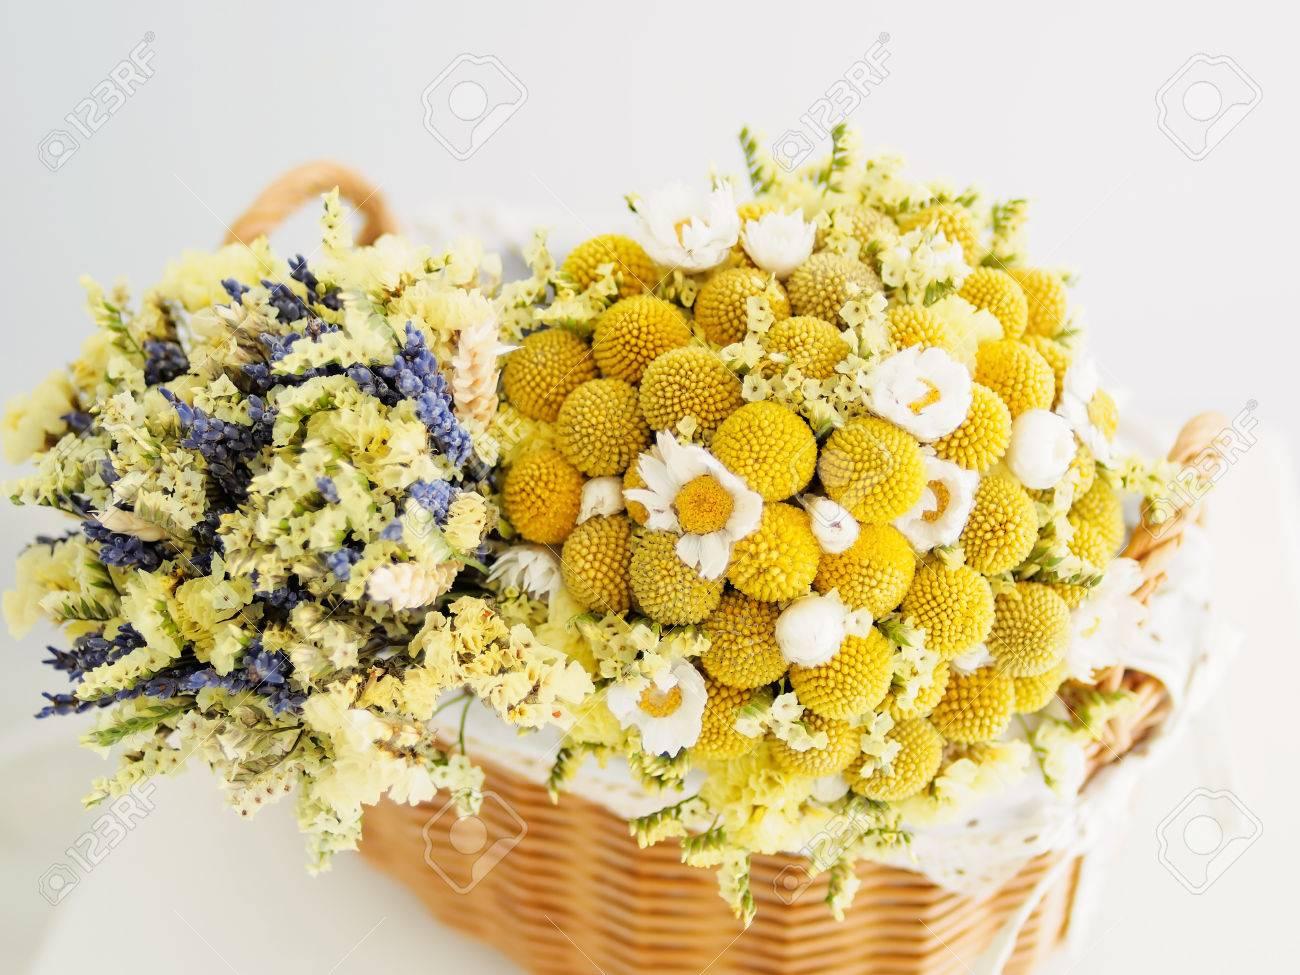 dos pequeos ramos de flores secas ponen en una canasta foto de archivo